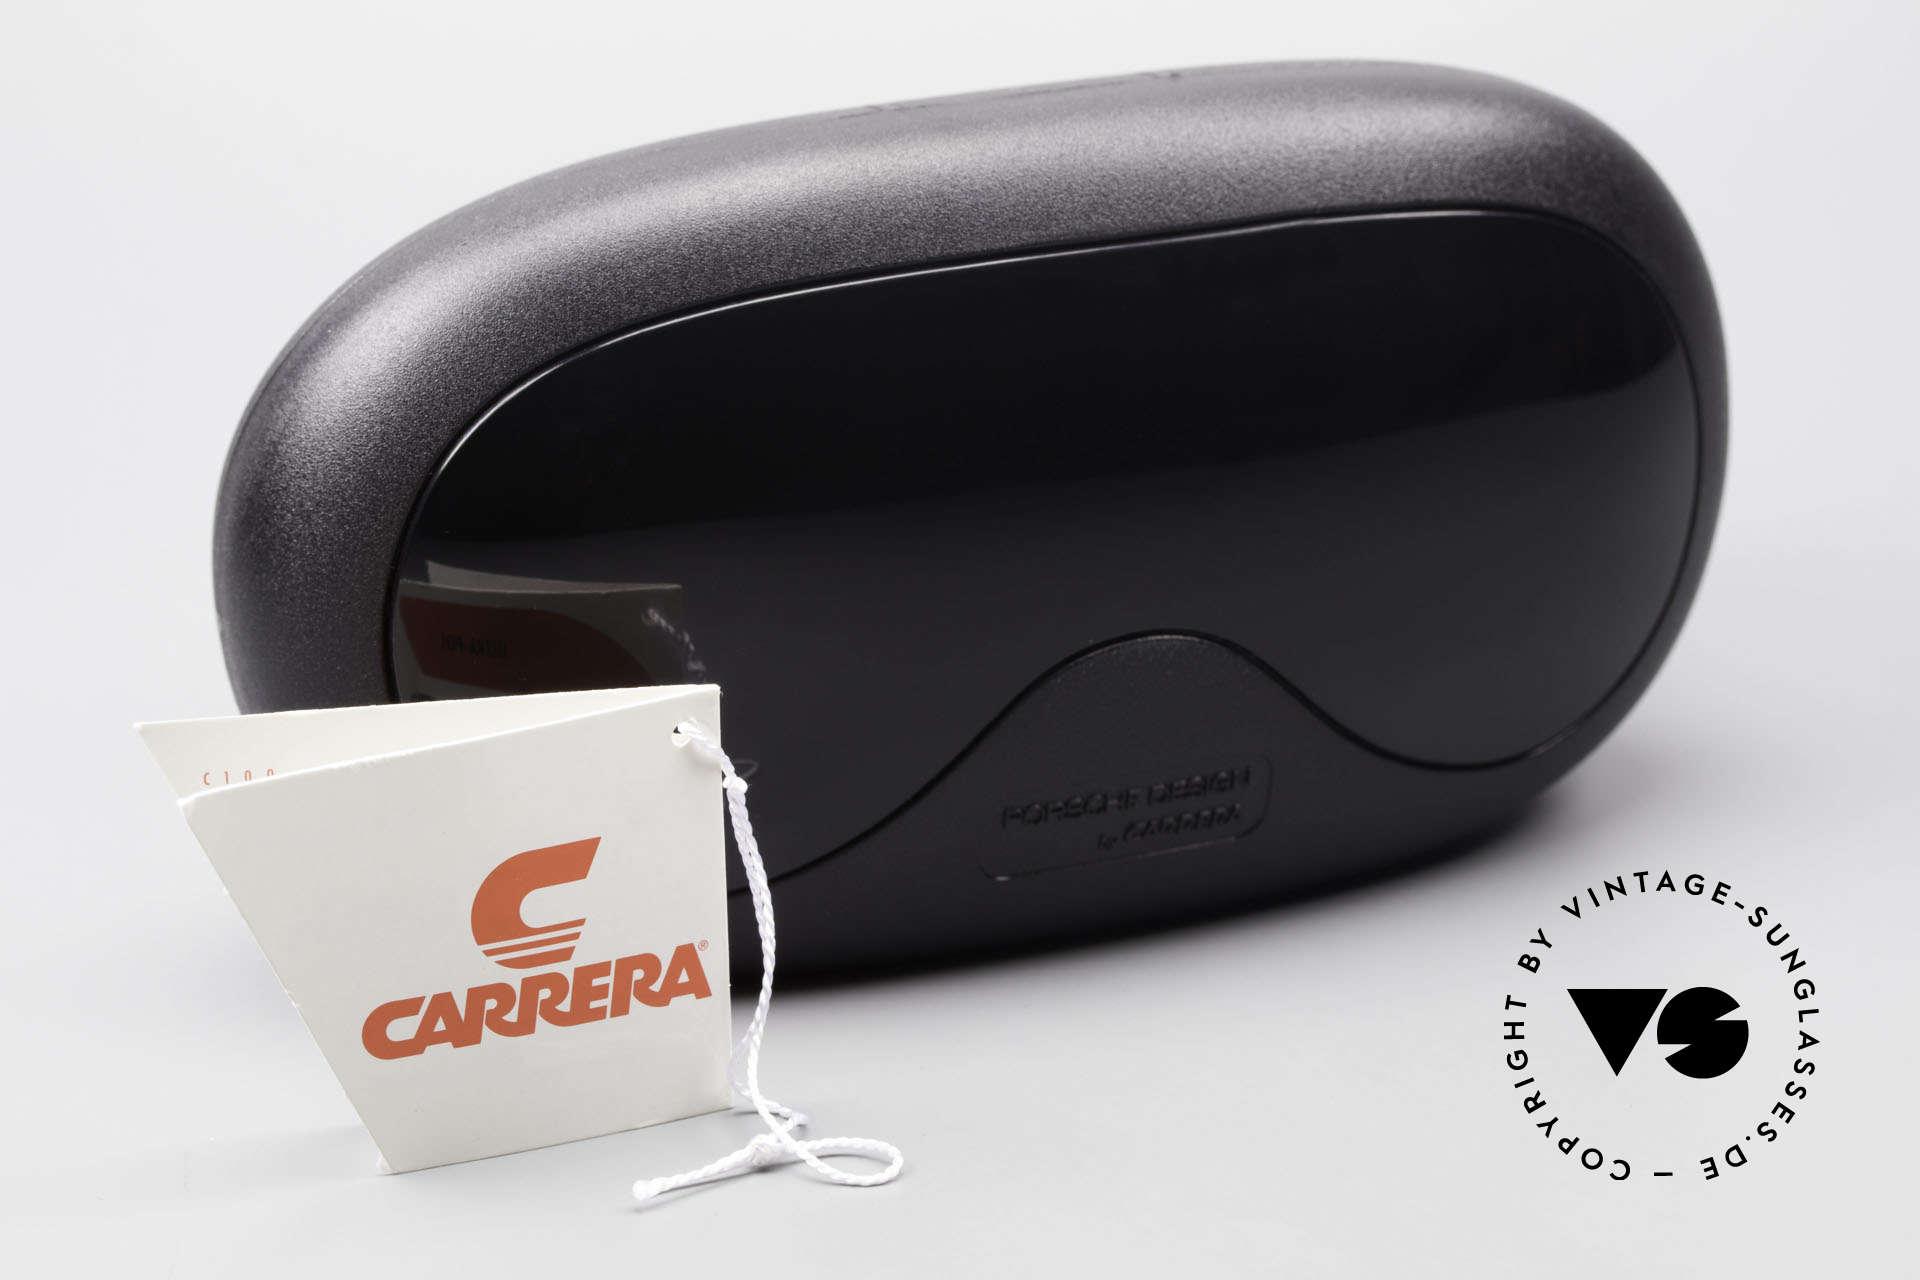 Carrera 5512 Miami Vice 80er Sonnenbrille, Größe: large, Passend für Herren